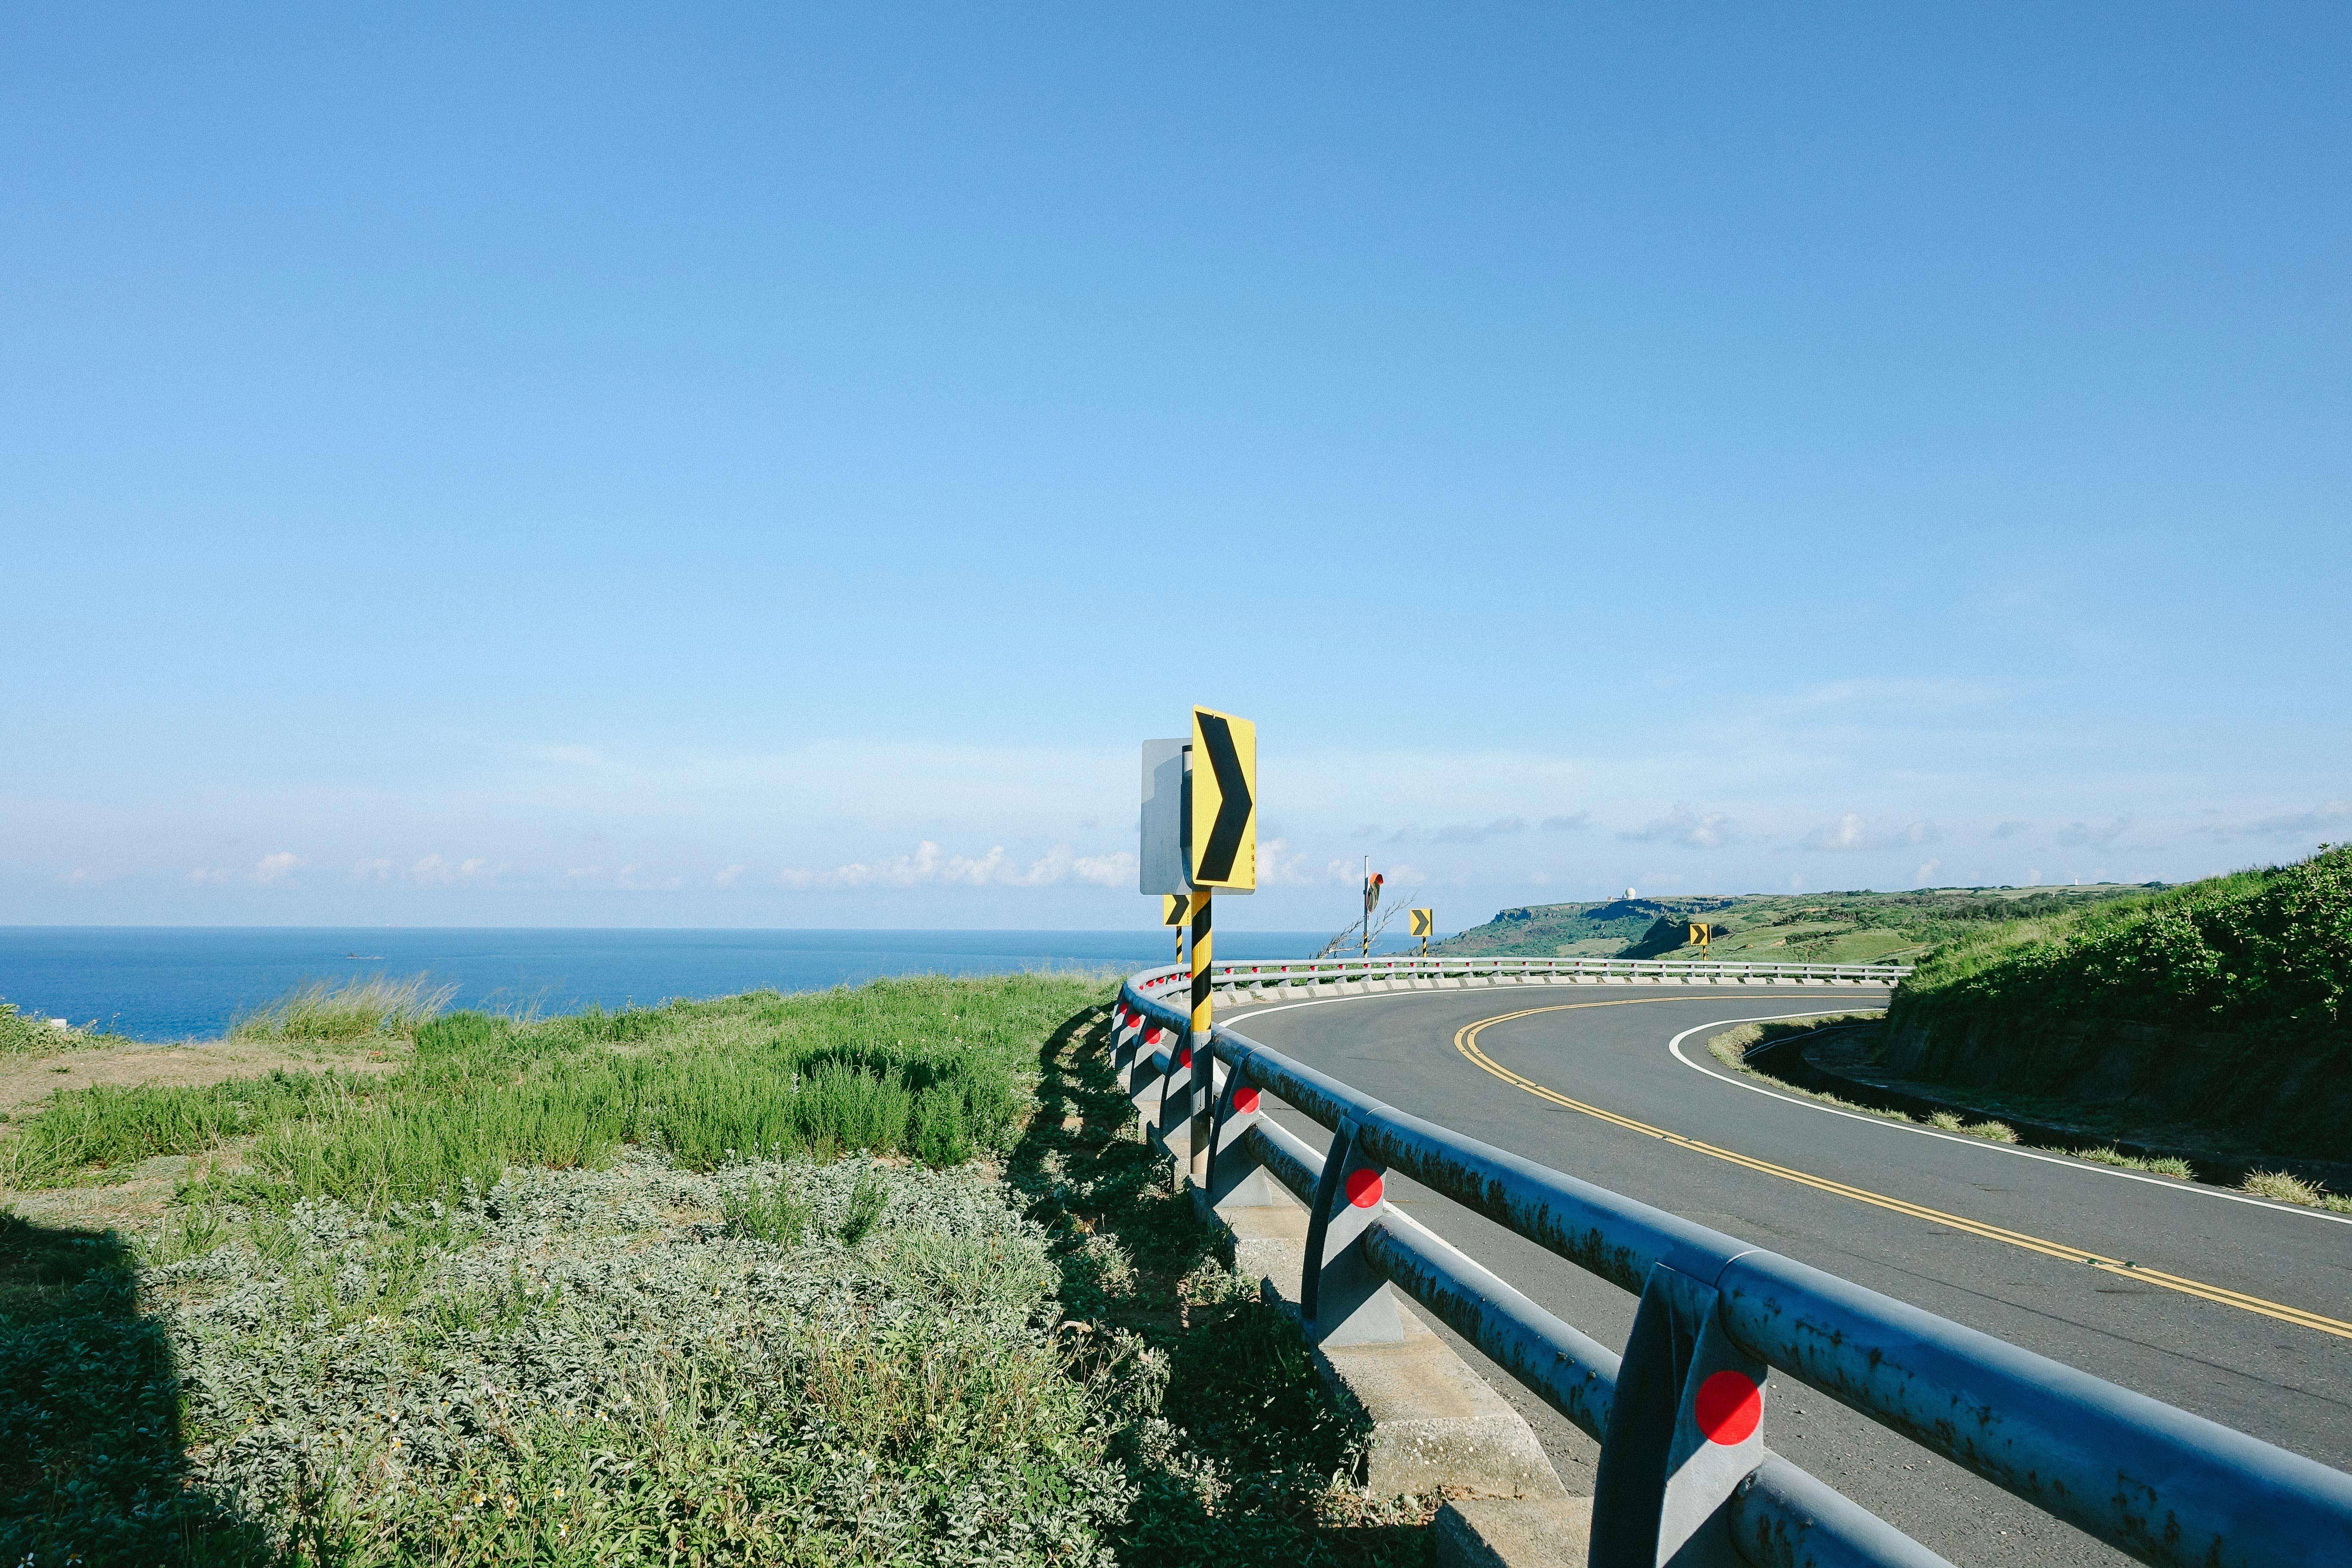 来到白沙湾的海边已经是黄昏了,吹着海风,看着长长的沙滩,有冲浪,有